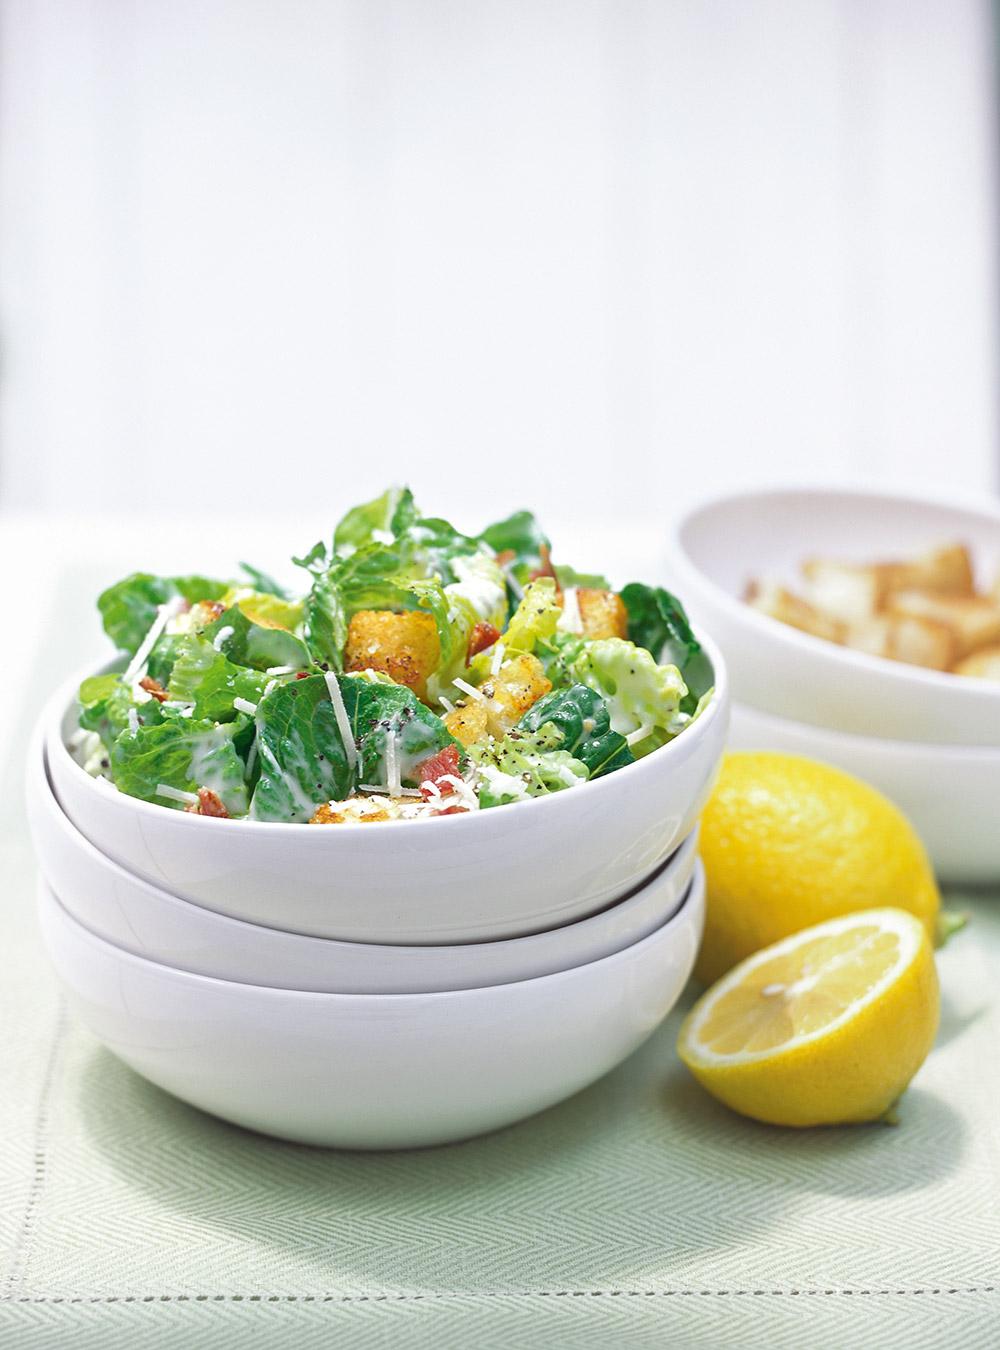 Salade césar | ricardo